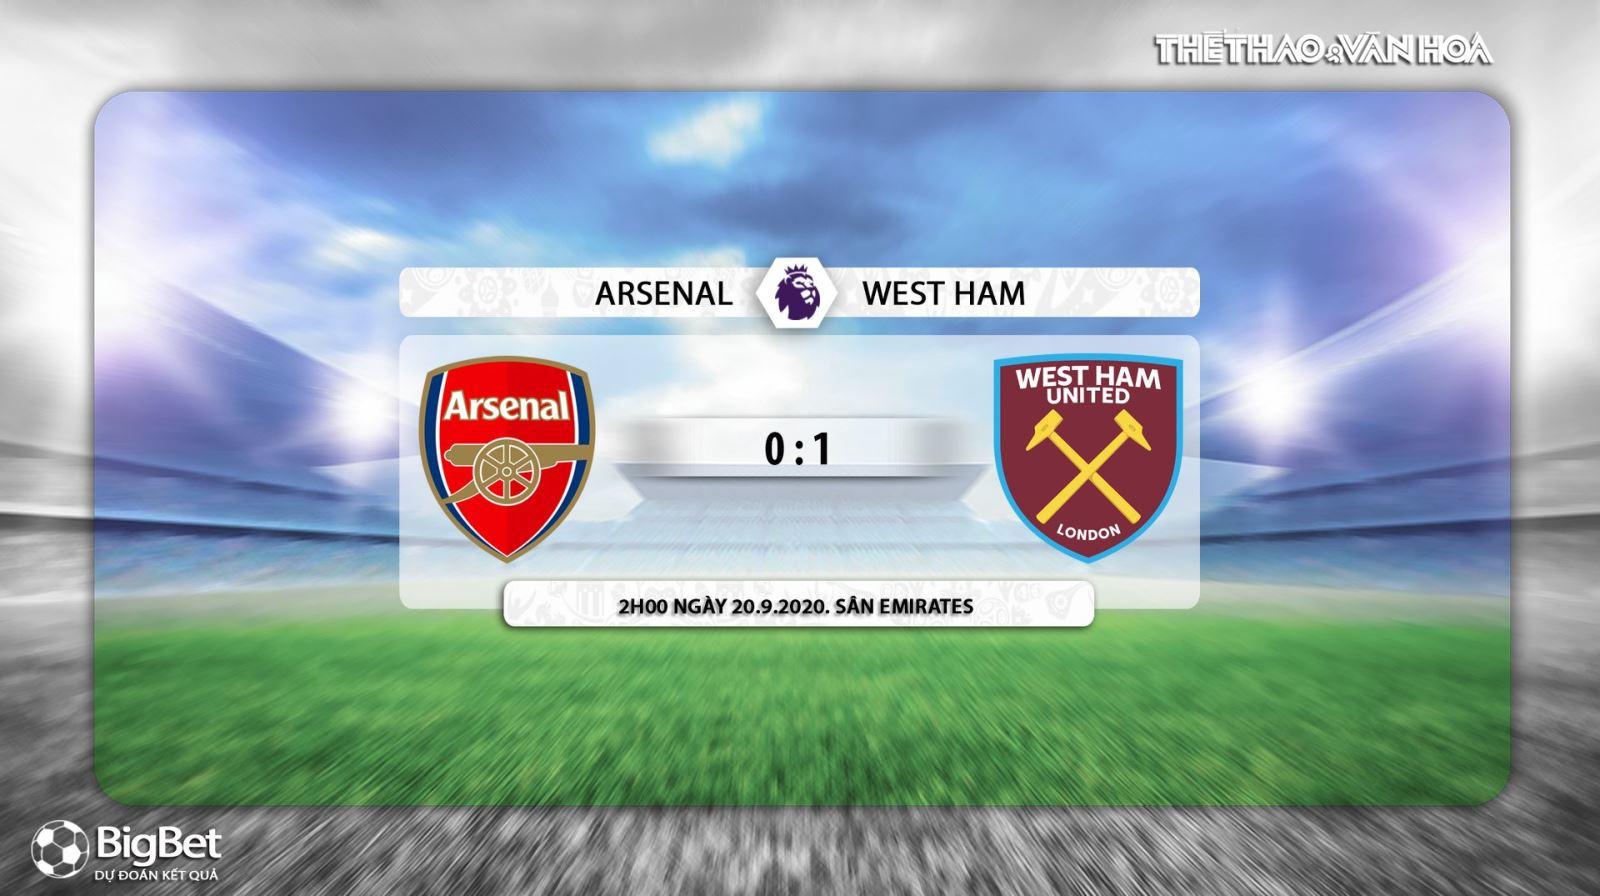 Arsenal vs West Ham, Arsenal, West Ham, trực tiếp bóng đá, soi kèo, kèo bóng đá, kèo Arsenal vs West Ham, soi kèo Arsenal vs West Ham, nhận định Arsenal vs West Ham